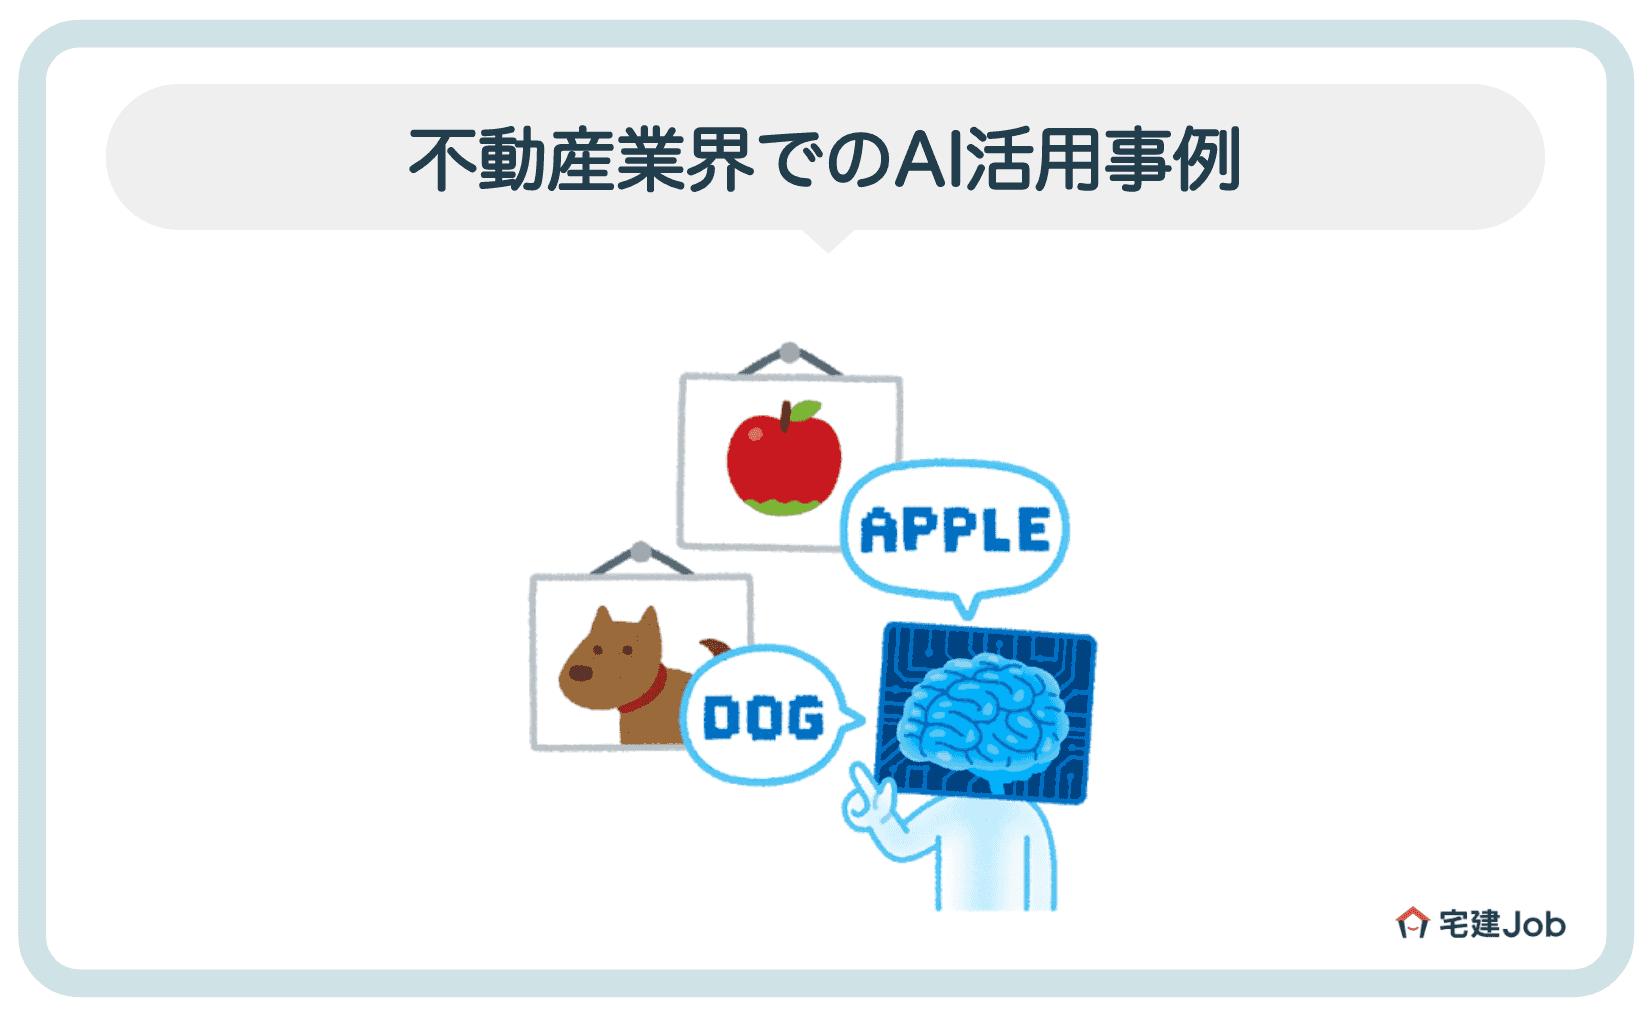 1.不動産業界でのAI(人工知能)活用事例